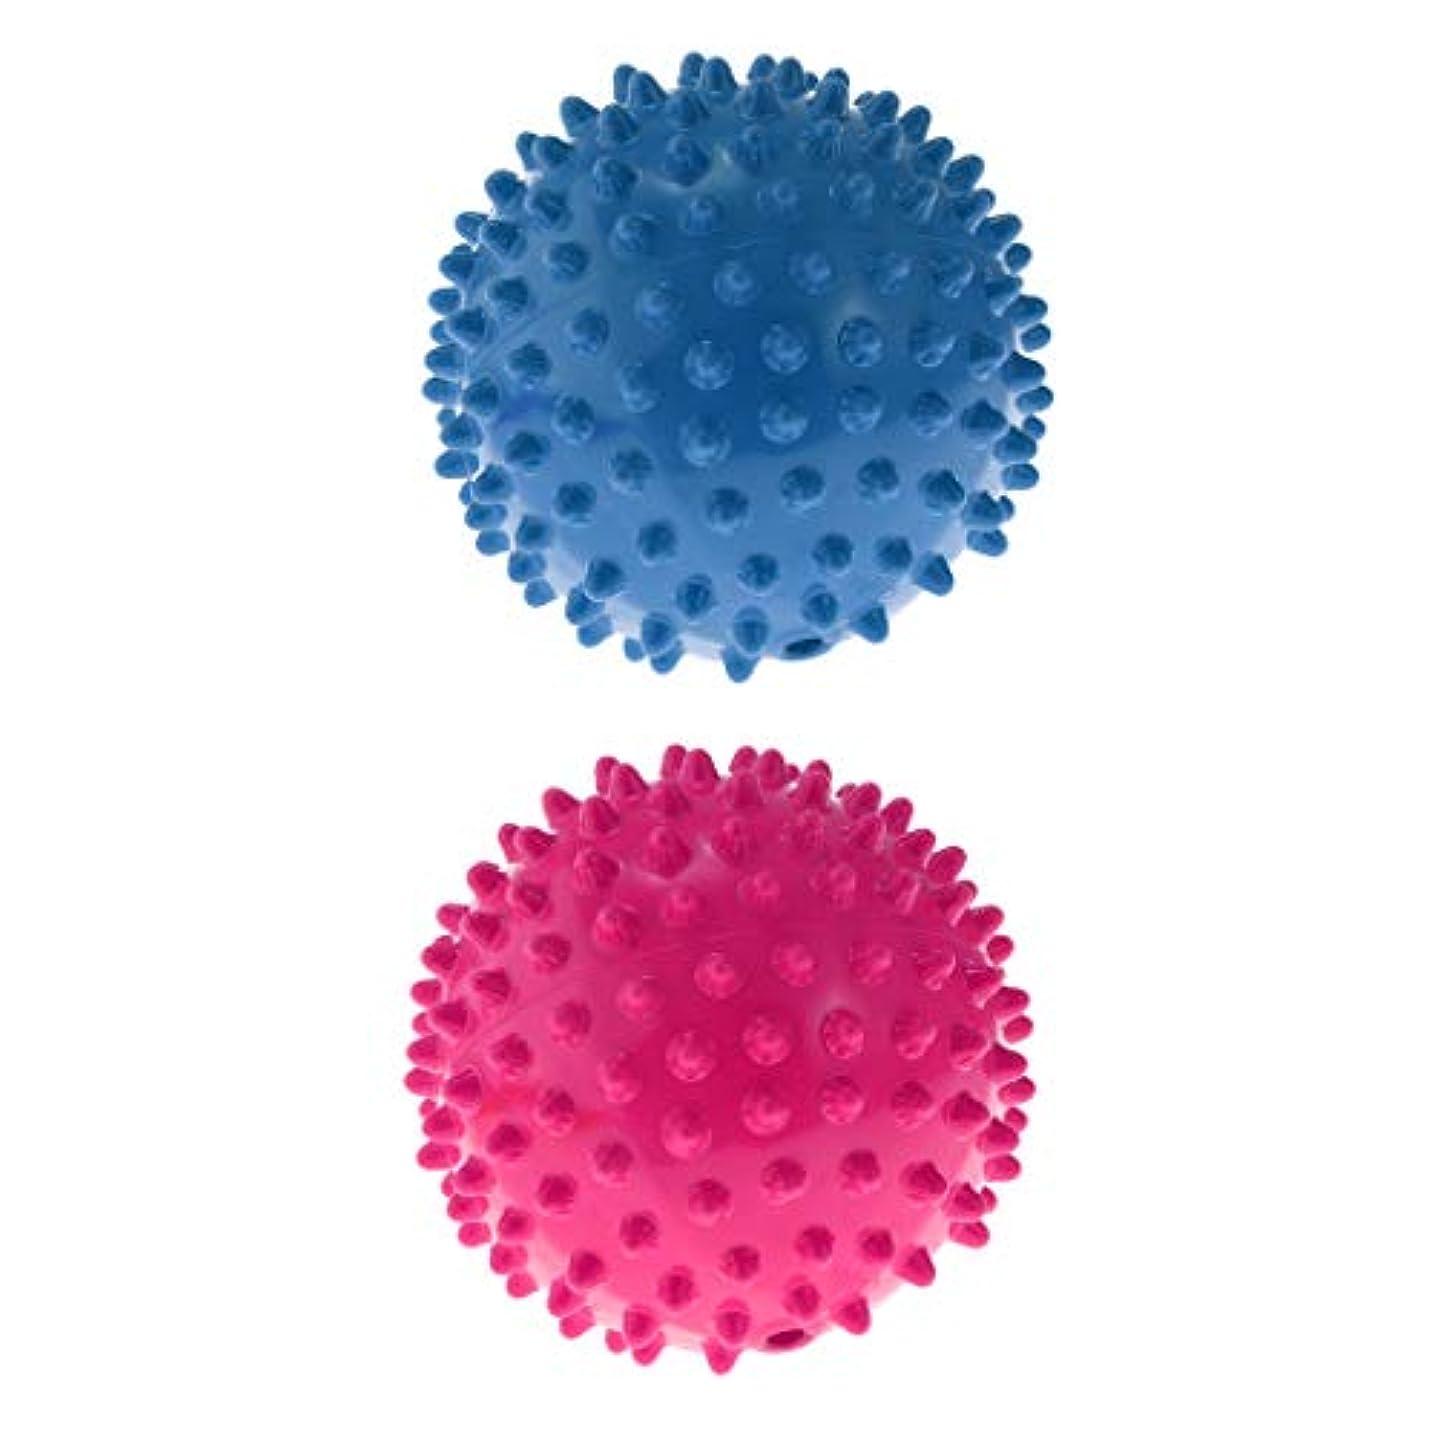 取得するお祝い湿気の多いCUTICATE 指圧マッサージボール ローラーボール マッサージローラー トリガーポイント 疲労軽減 痛み緩和